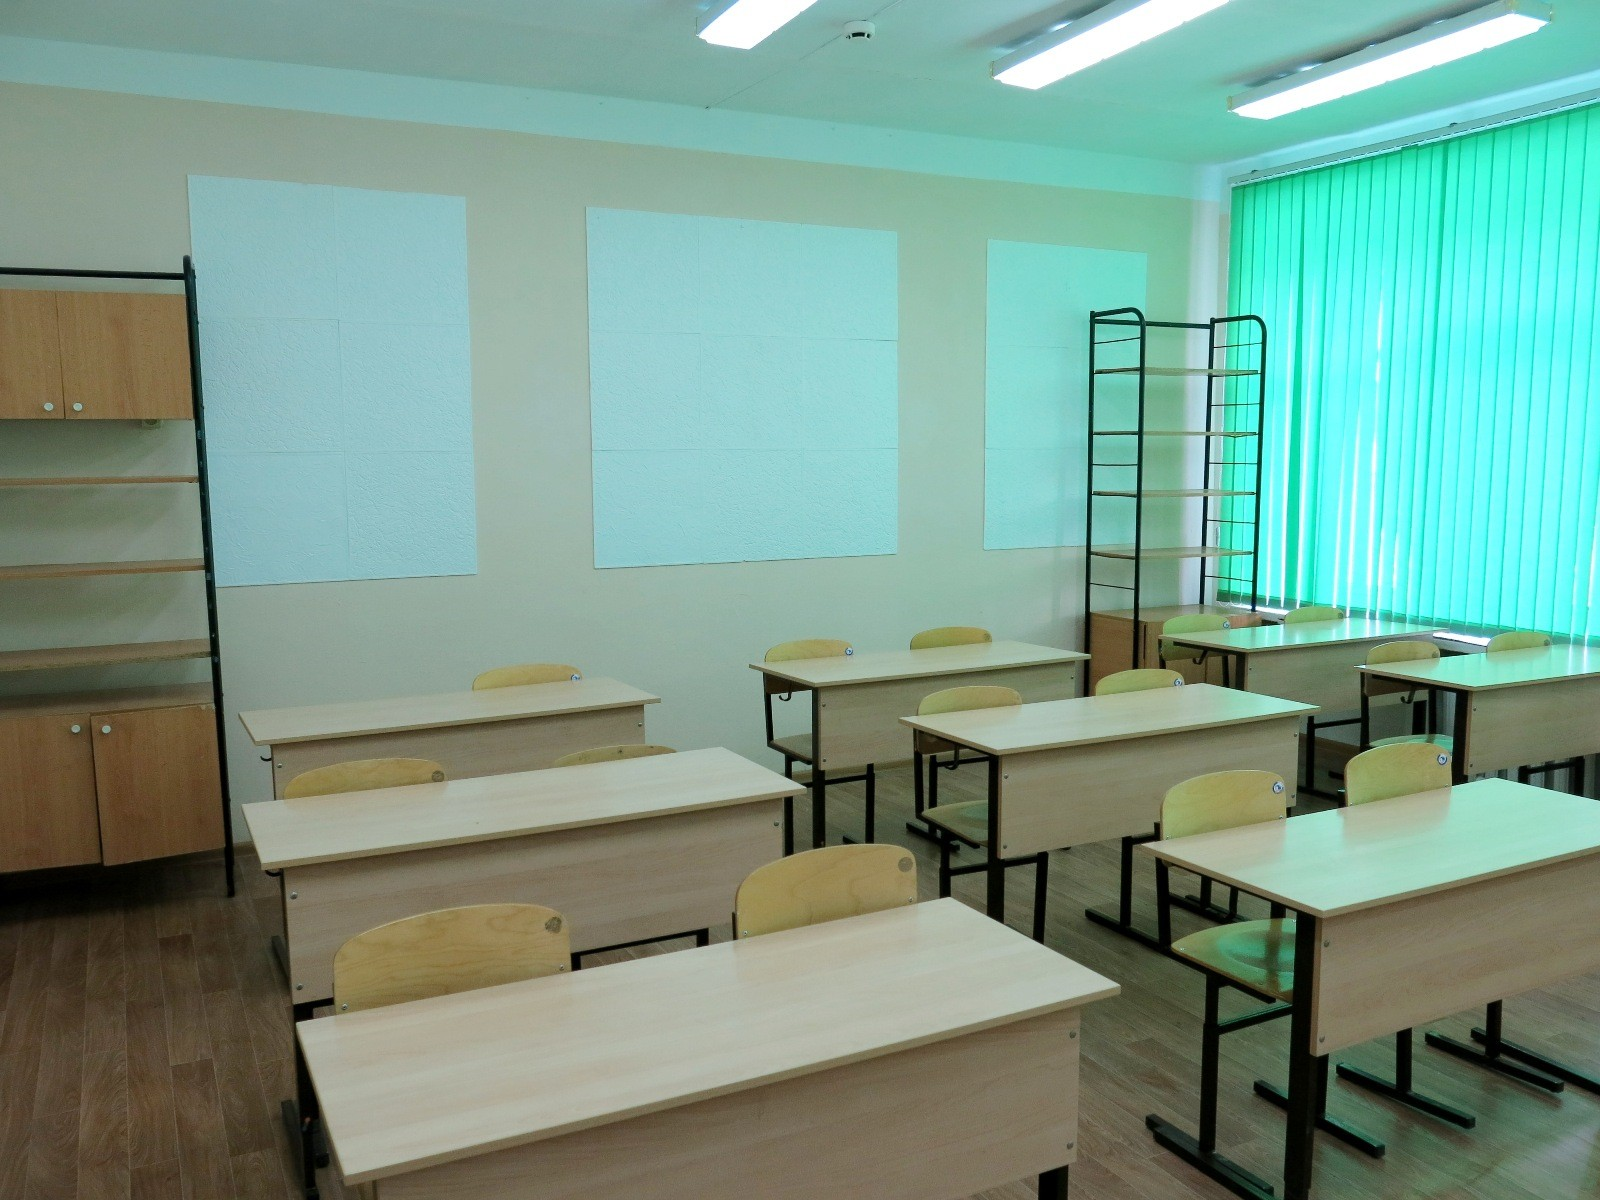 Картинка кабинета школы